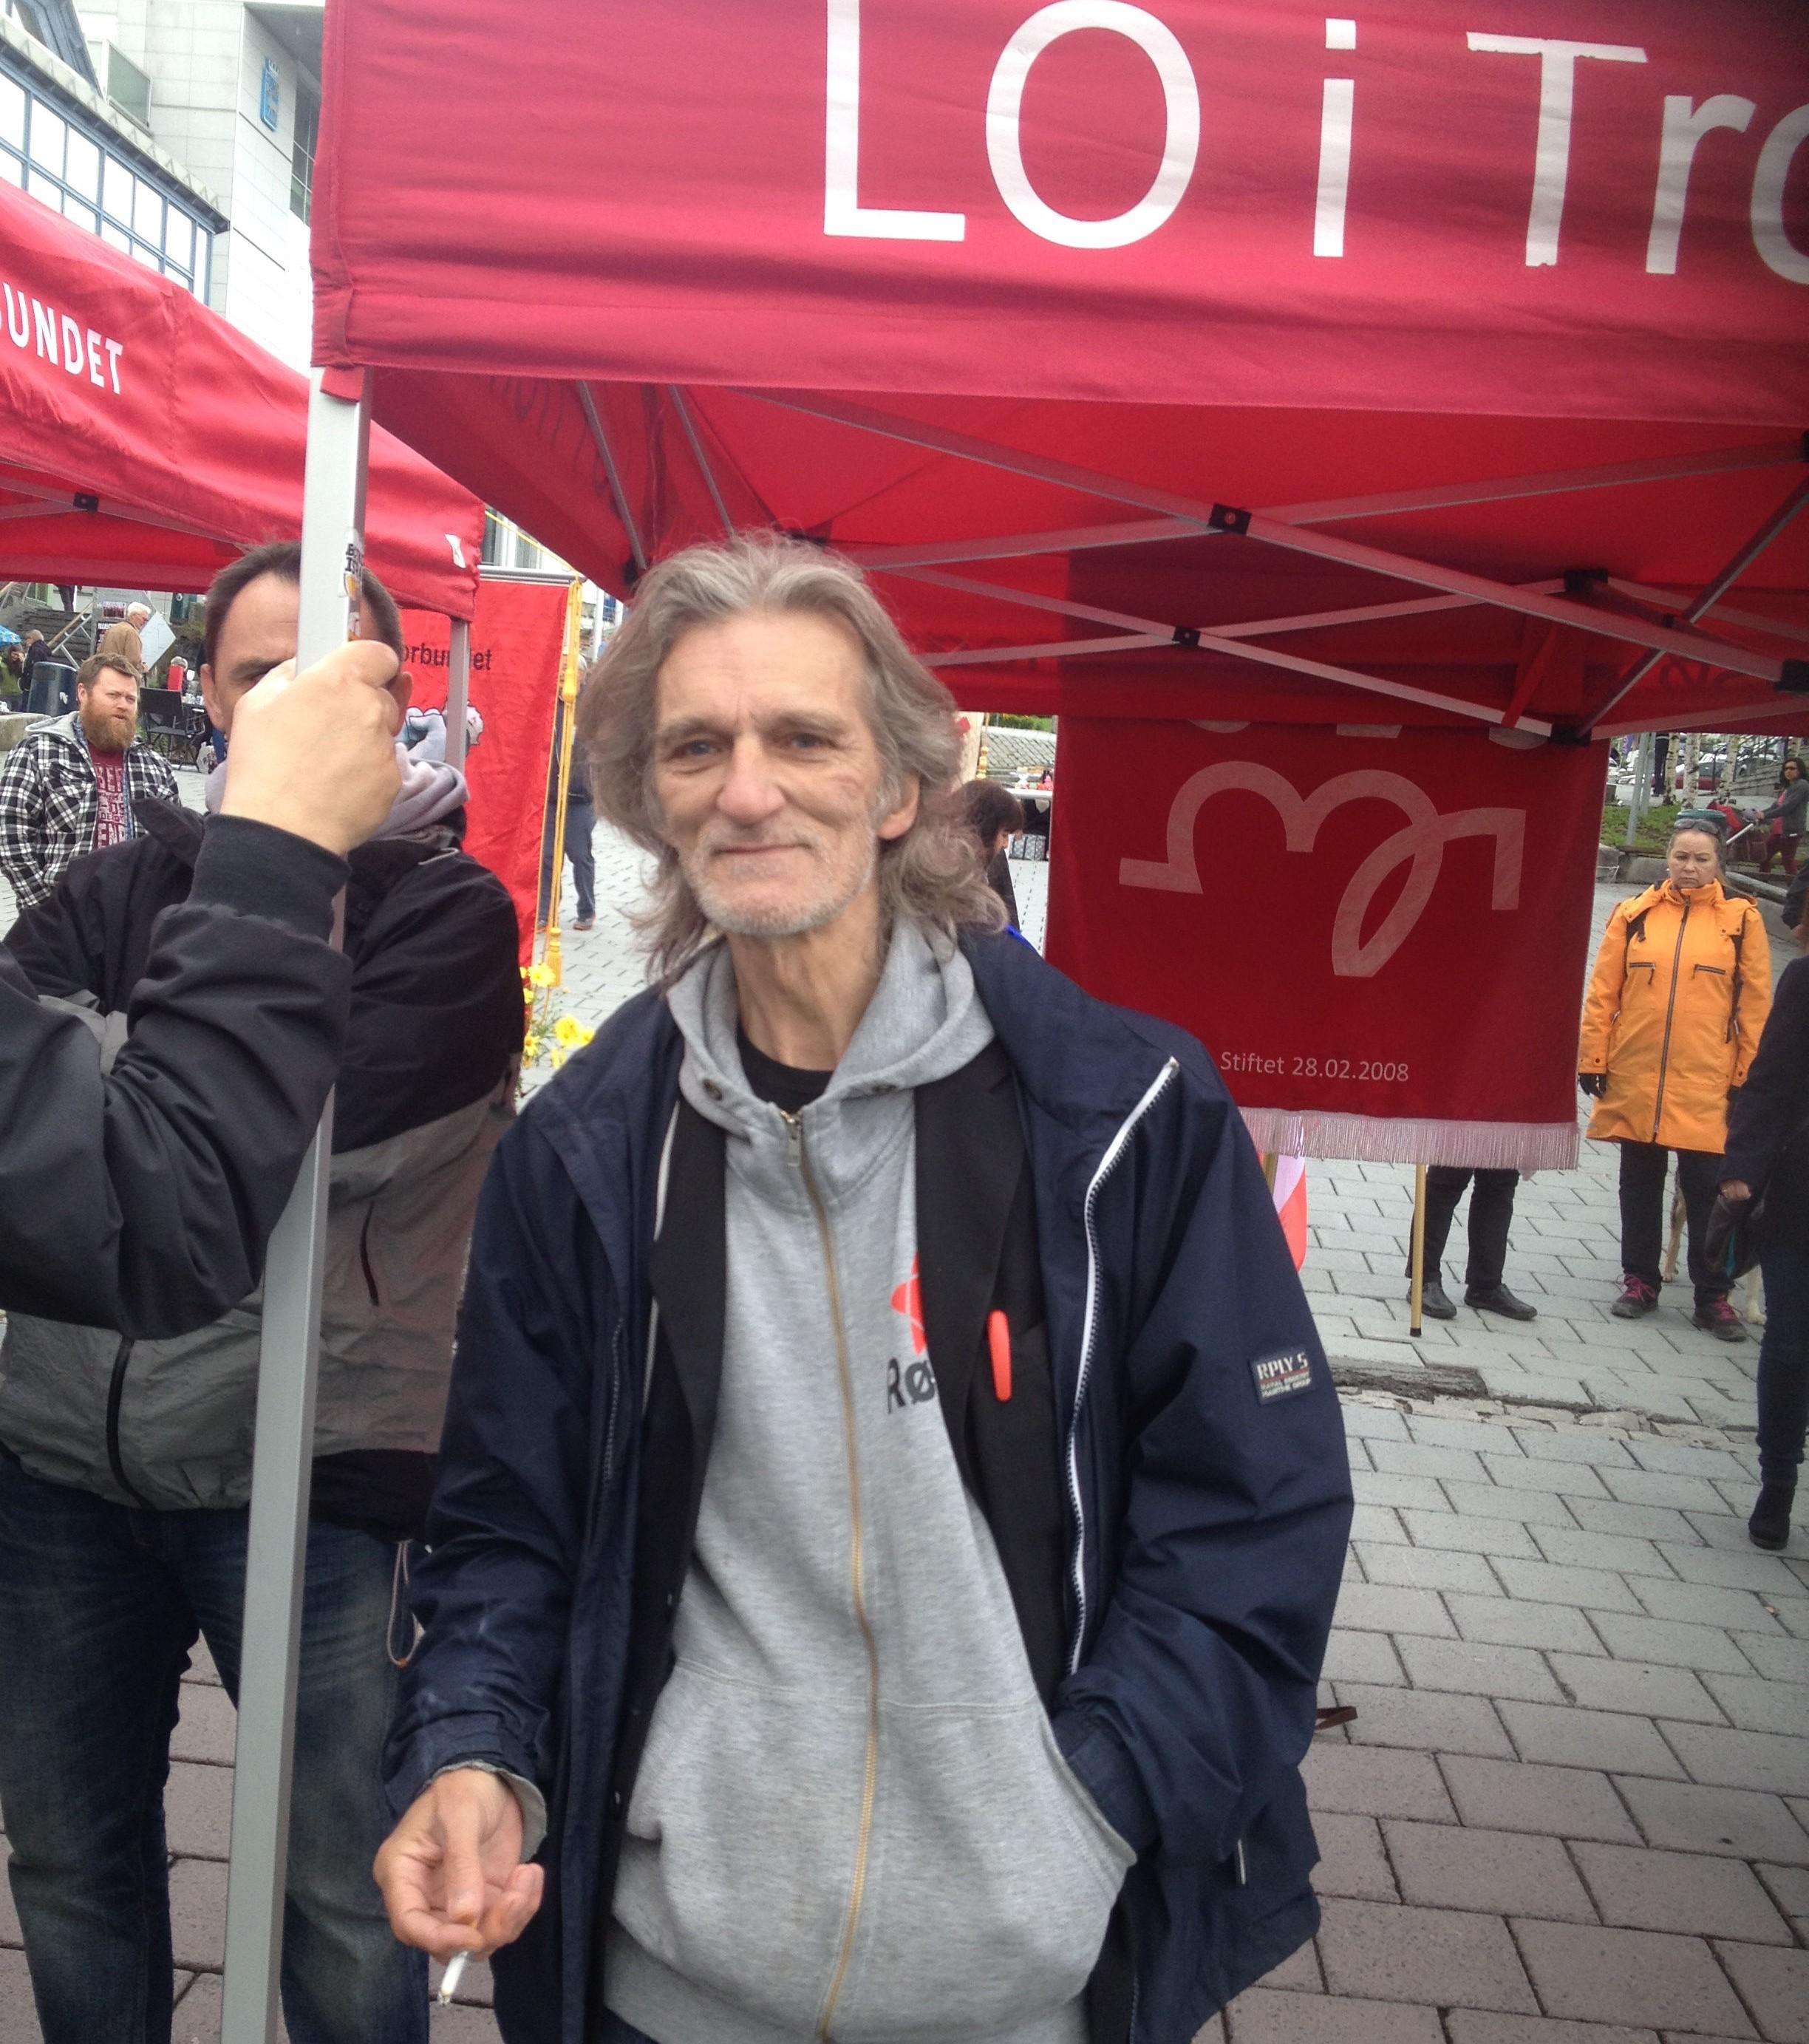 Jon Arne Jørstad